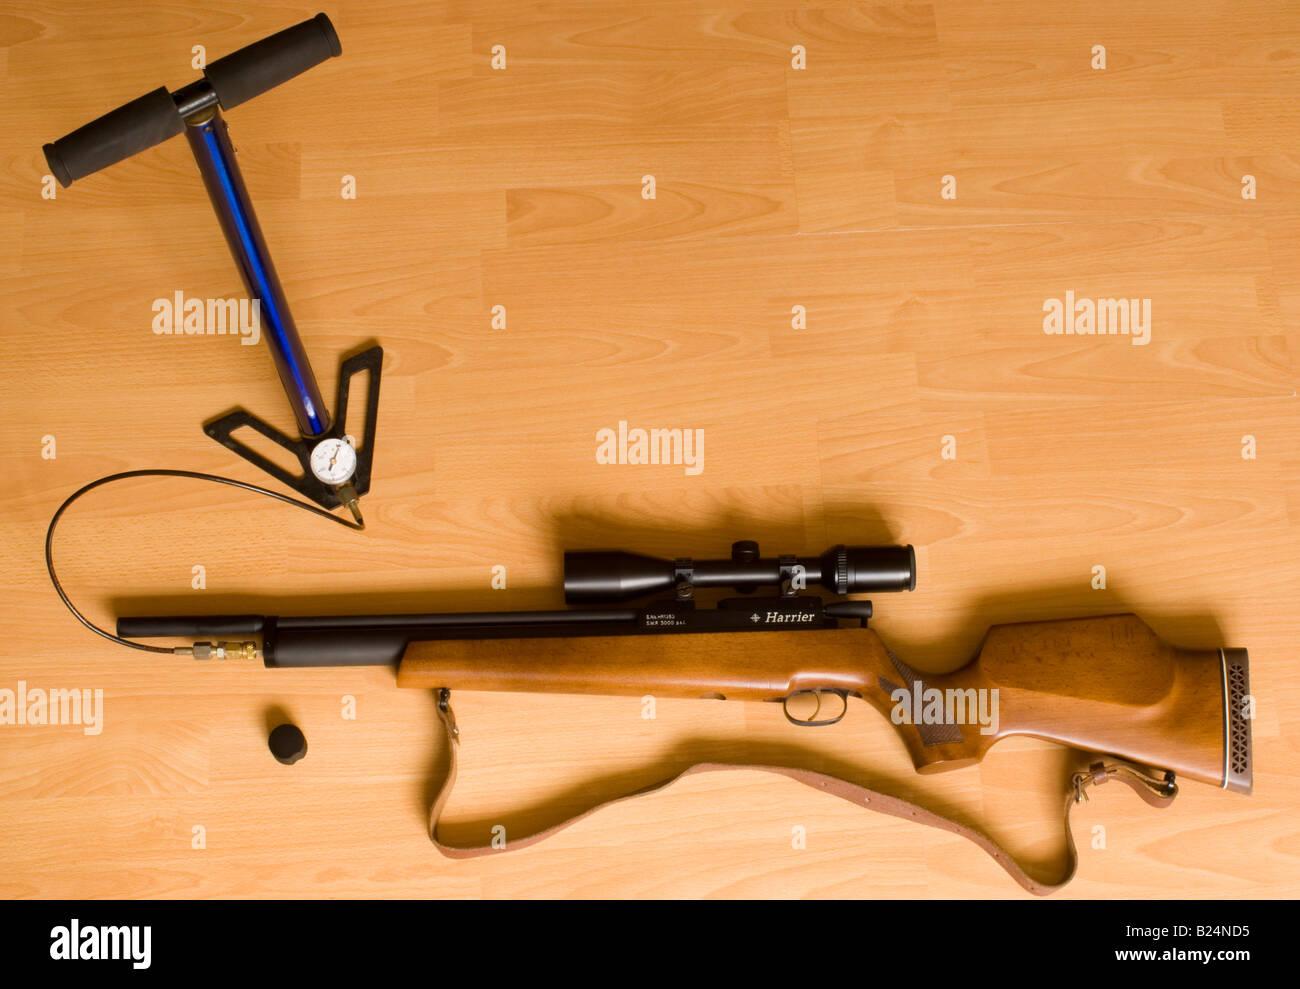 Daystate harrier vorgeladen pneumatische luftgewehr & zielfernrohr